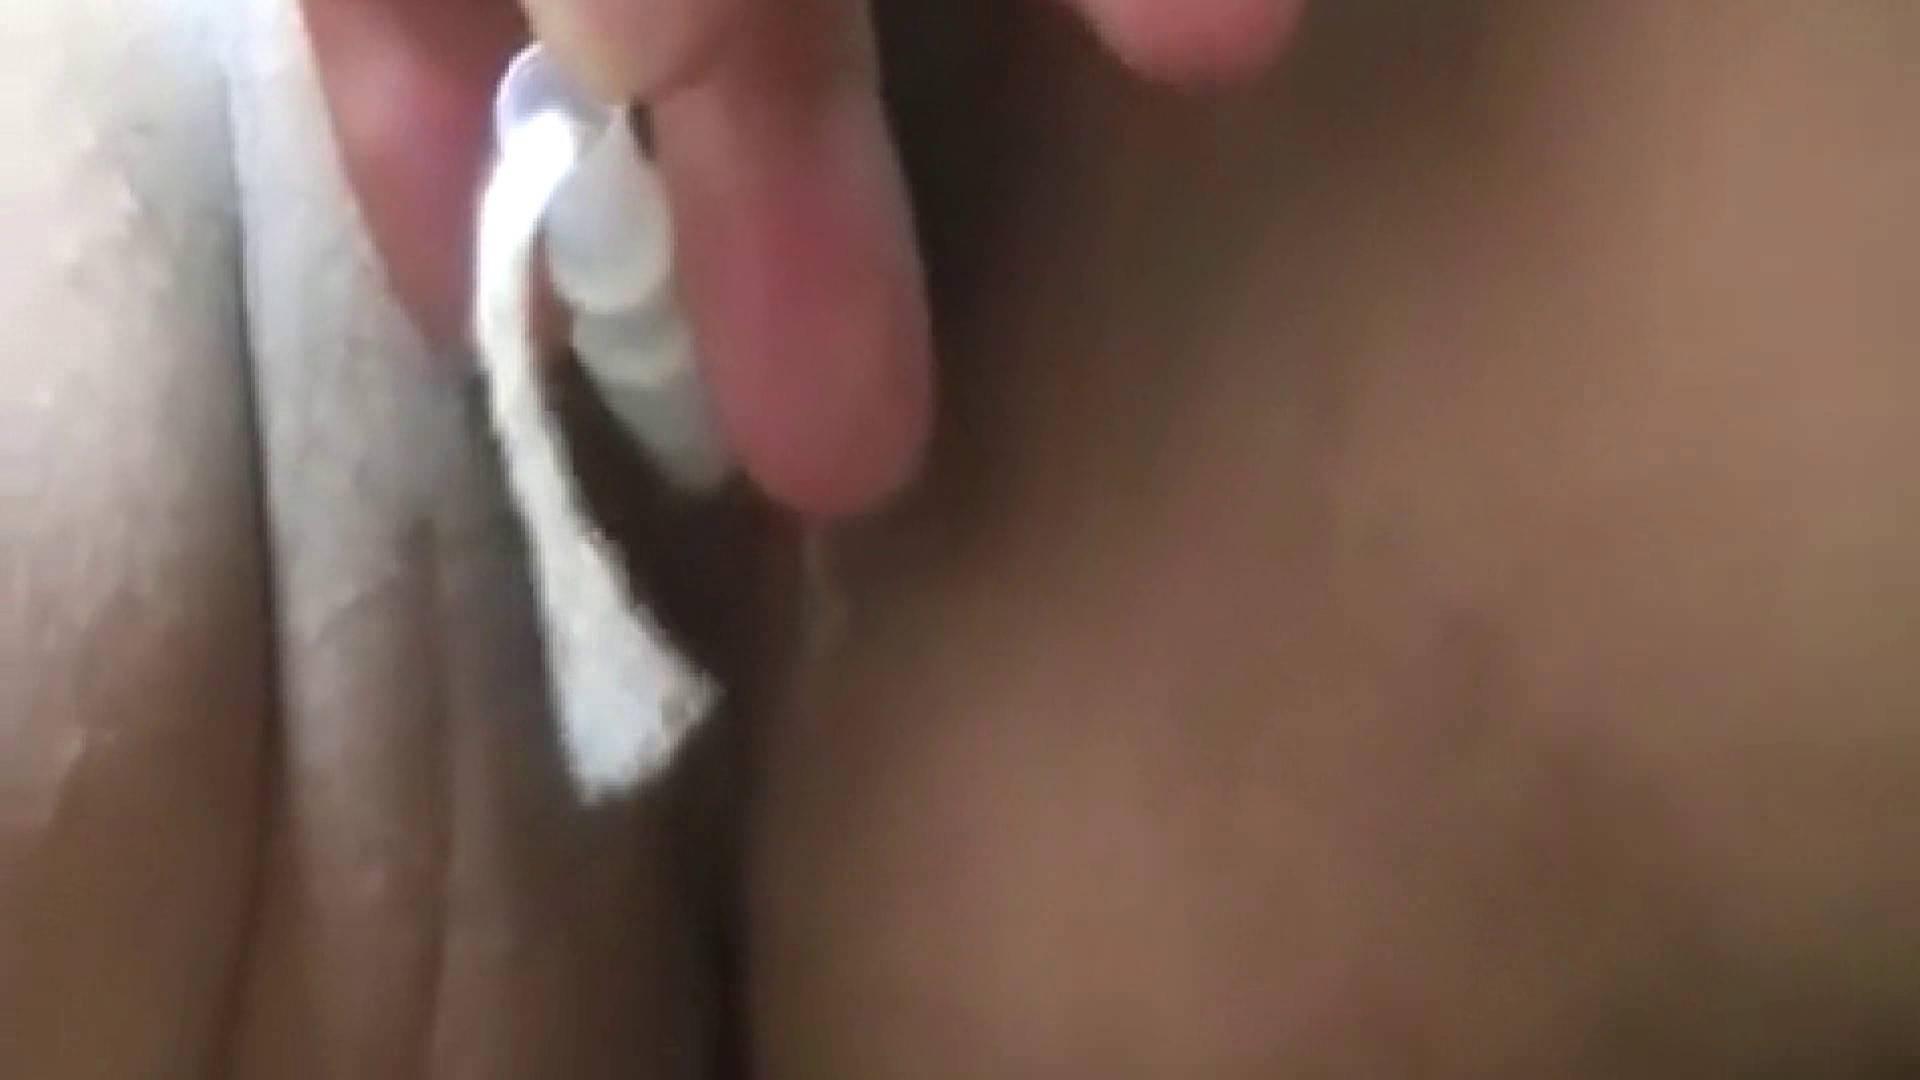 もっと衝撃的な刺激が欲しいの Vol.02 エッチなOL のぞき動画キャプチャ 61pic 30